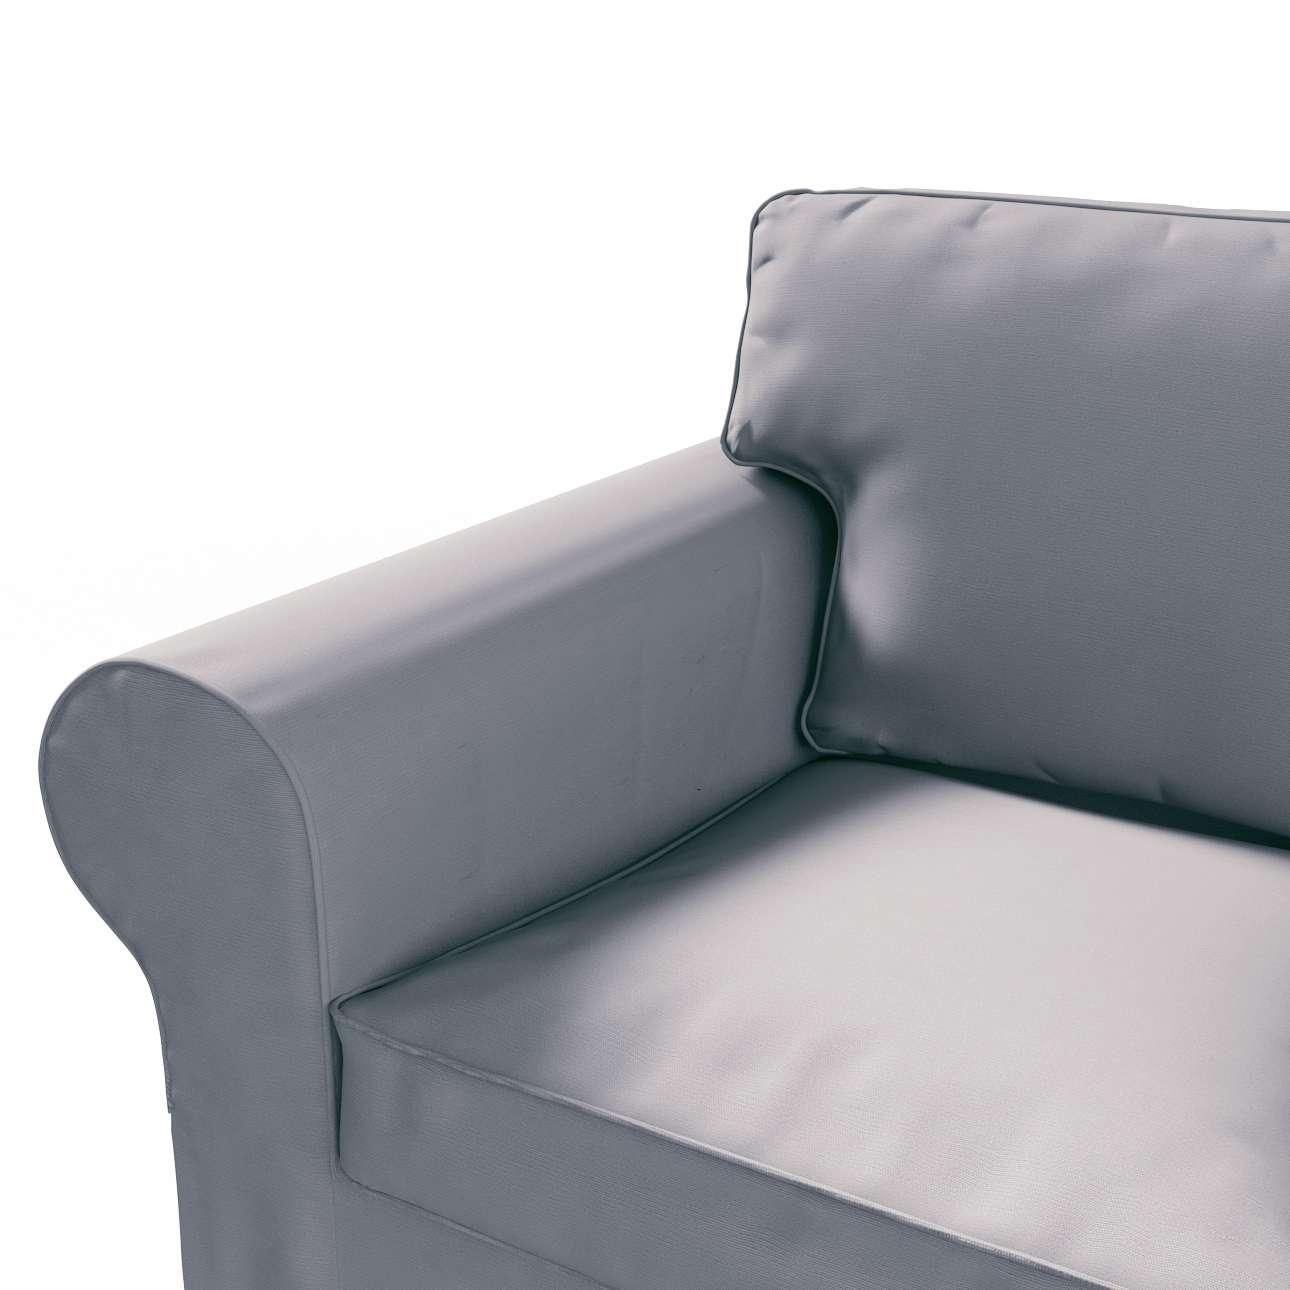 Pokrowiec na sofę Ektorp 2-osobową rozkładana NOWY MODEL 2012 sofa ektorp 2-osobowa rozkładana NOWY MODEL w kolekcji Cotton Panama, tkanina: 702-07